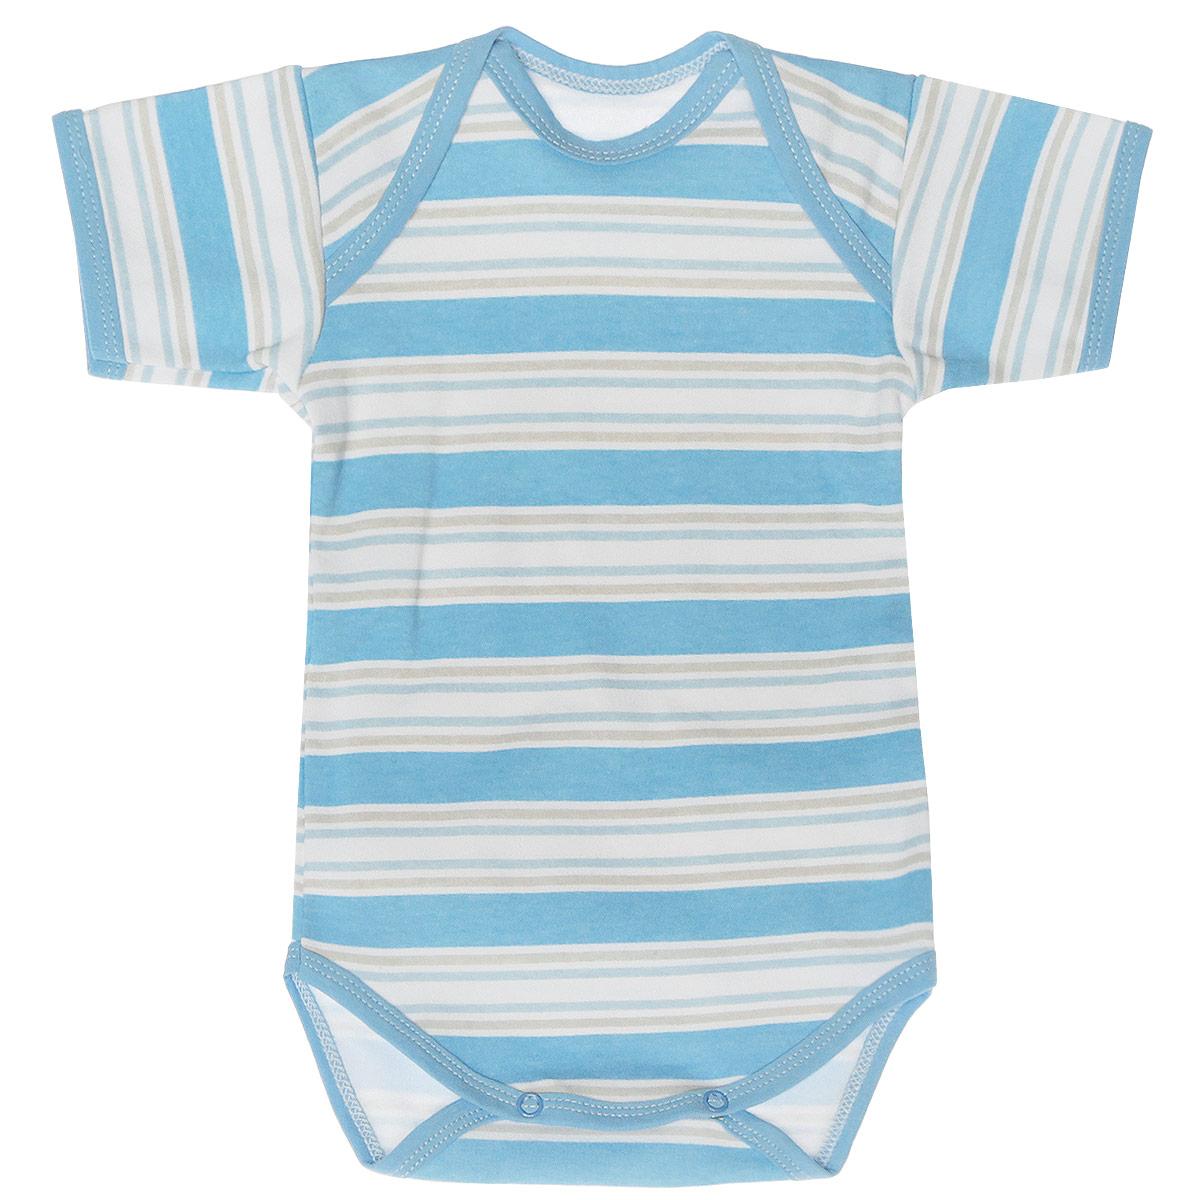 Боди-футболка детская Трон-плюс, цвет: голубой, белый. 5873_полоска. Размер 62, 3 месяца5873_полоскаУдобное детское боди-футболка Трон-плюс послужит идеальным дополнением к гардеробу вашего крохи, обеспечивая ему наибольший комфорт. Боди с короткими рукавами и круглым вырезом горловины изготовлено из интерлока -натурального хлопка, благодаря чему оно необычайно мягкое и легкое, не раздражает нежную кожу ребенка и хорошо вентилируется, а эластичные швы приятны телу младенца и не препятствуют его движениям. Удобные запахи на плечах и кнопки на ластовице помогают легко переодеть ребенка или сменить подгузник. Вырез горловины, запахи, низ рукавов и ластовица дополнены бейкой. Оформлена модель принтом в полоску. Боди полностью соответствует особенностям жизни ребенка в ранний период, не стесняя и не ограничивая его в движениях. В нем ваш ребенок всегда будет в центре внимания.